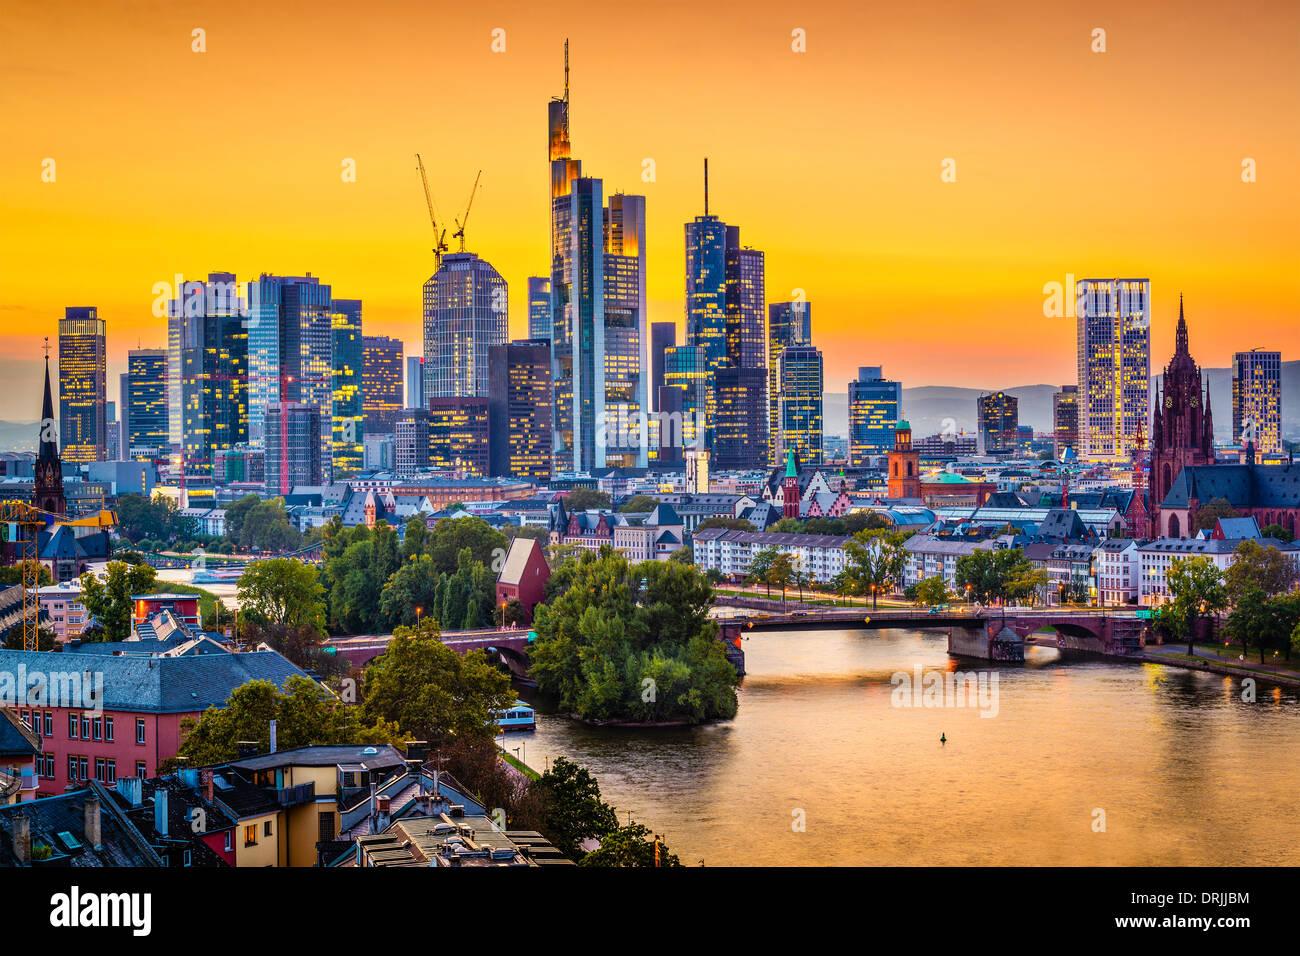 Skyline von Frankfurt am Main, Deutschland. Stockfoto